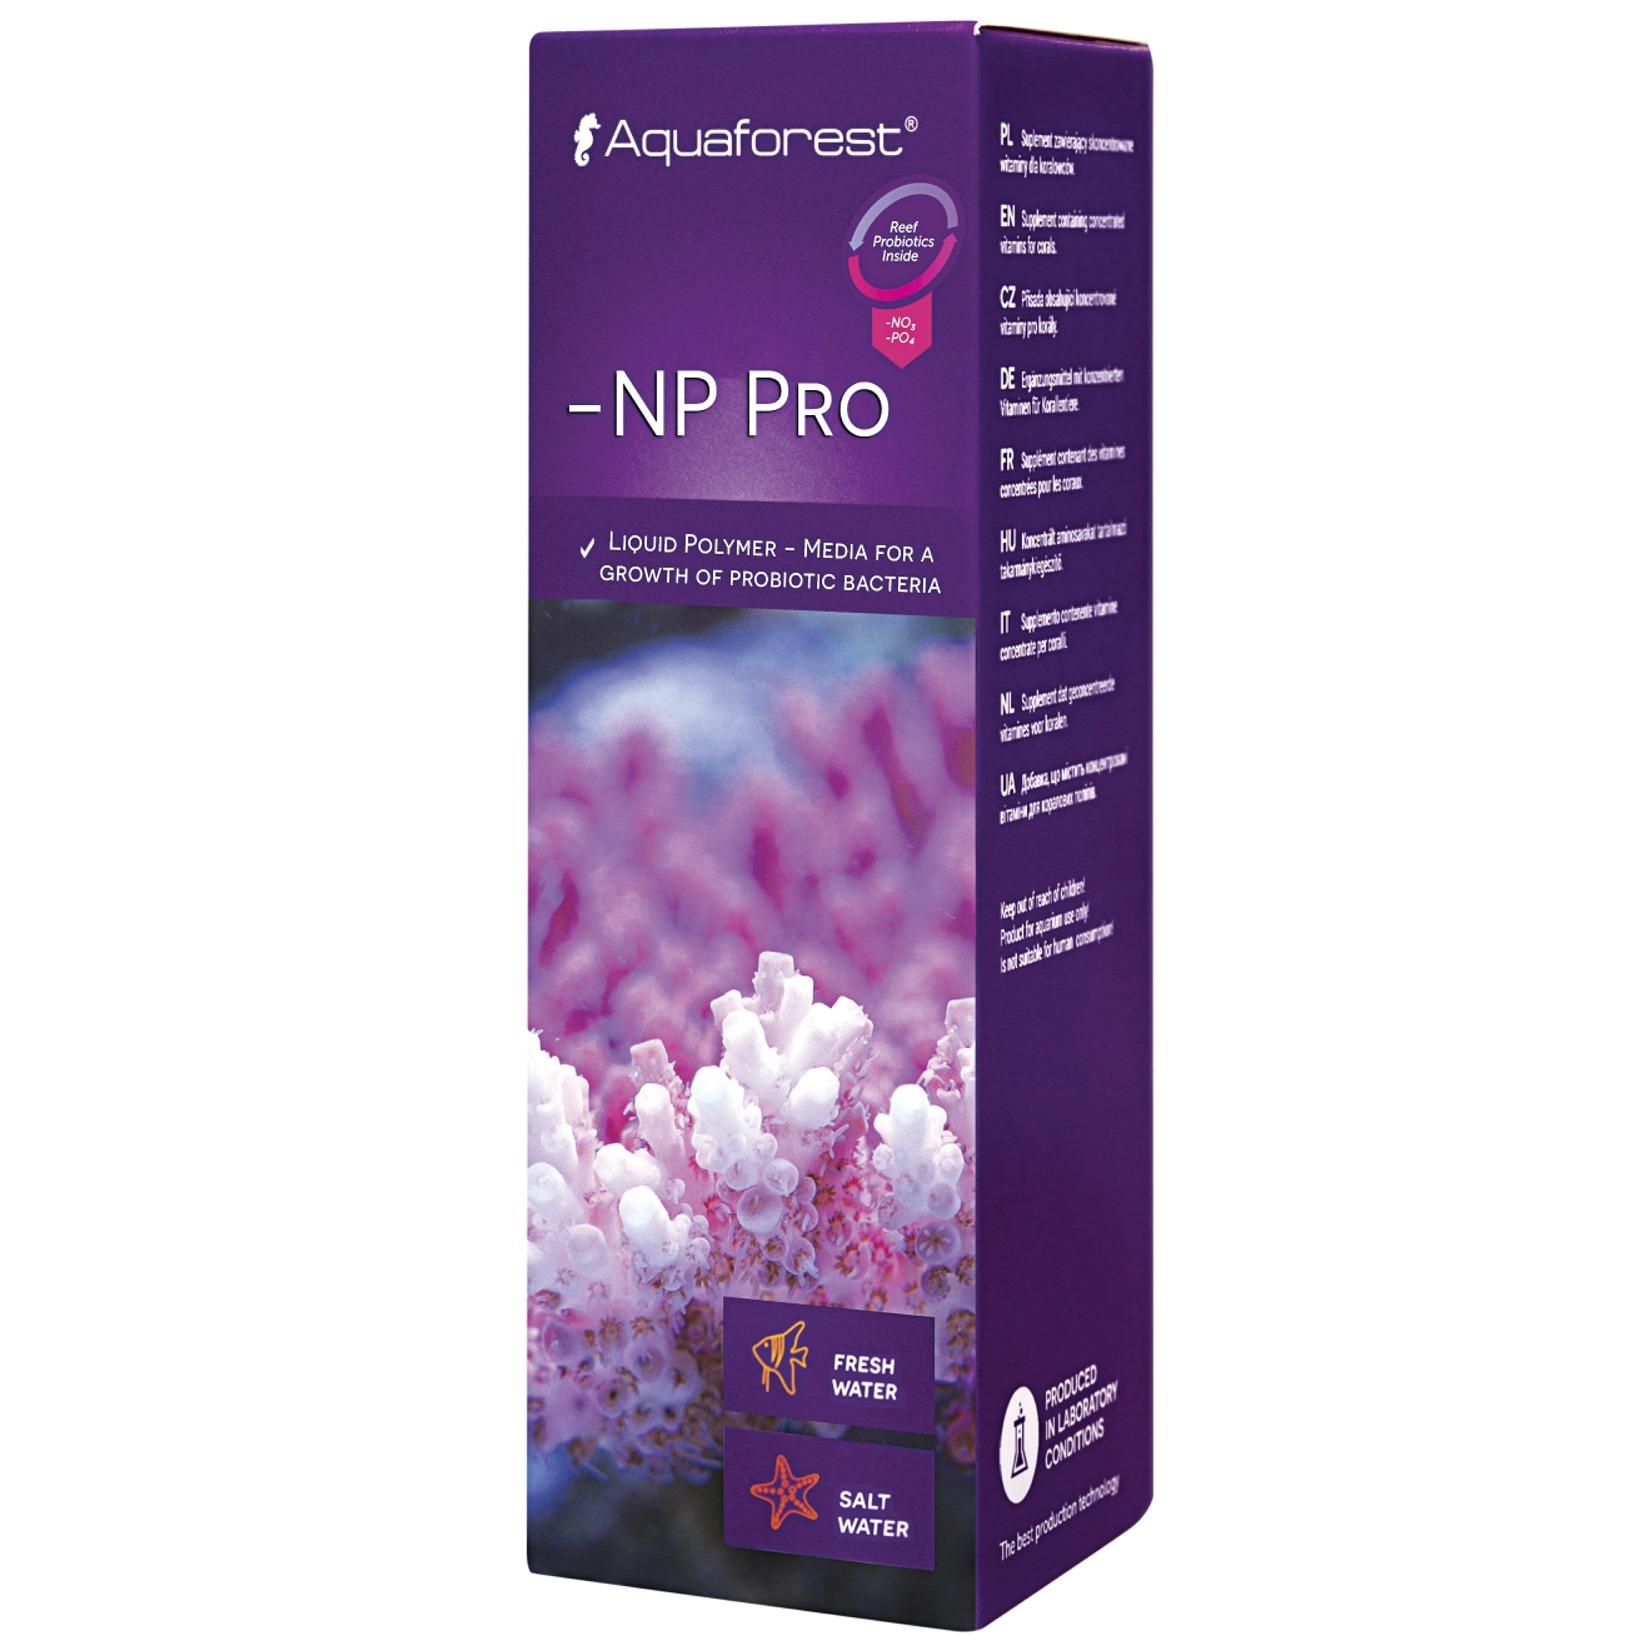 AQUAFOREST -NP Pro 50 ml polymère sous forme liquide pour le développement rapide des bactéries